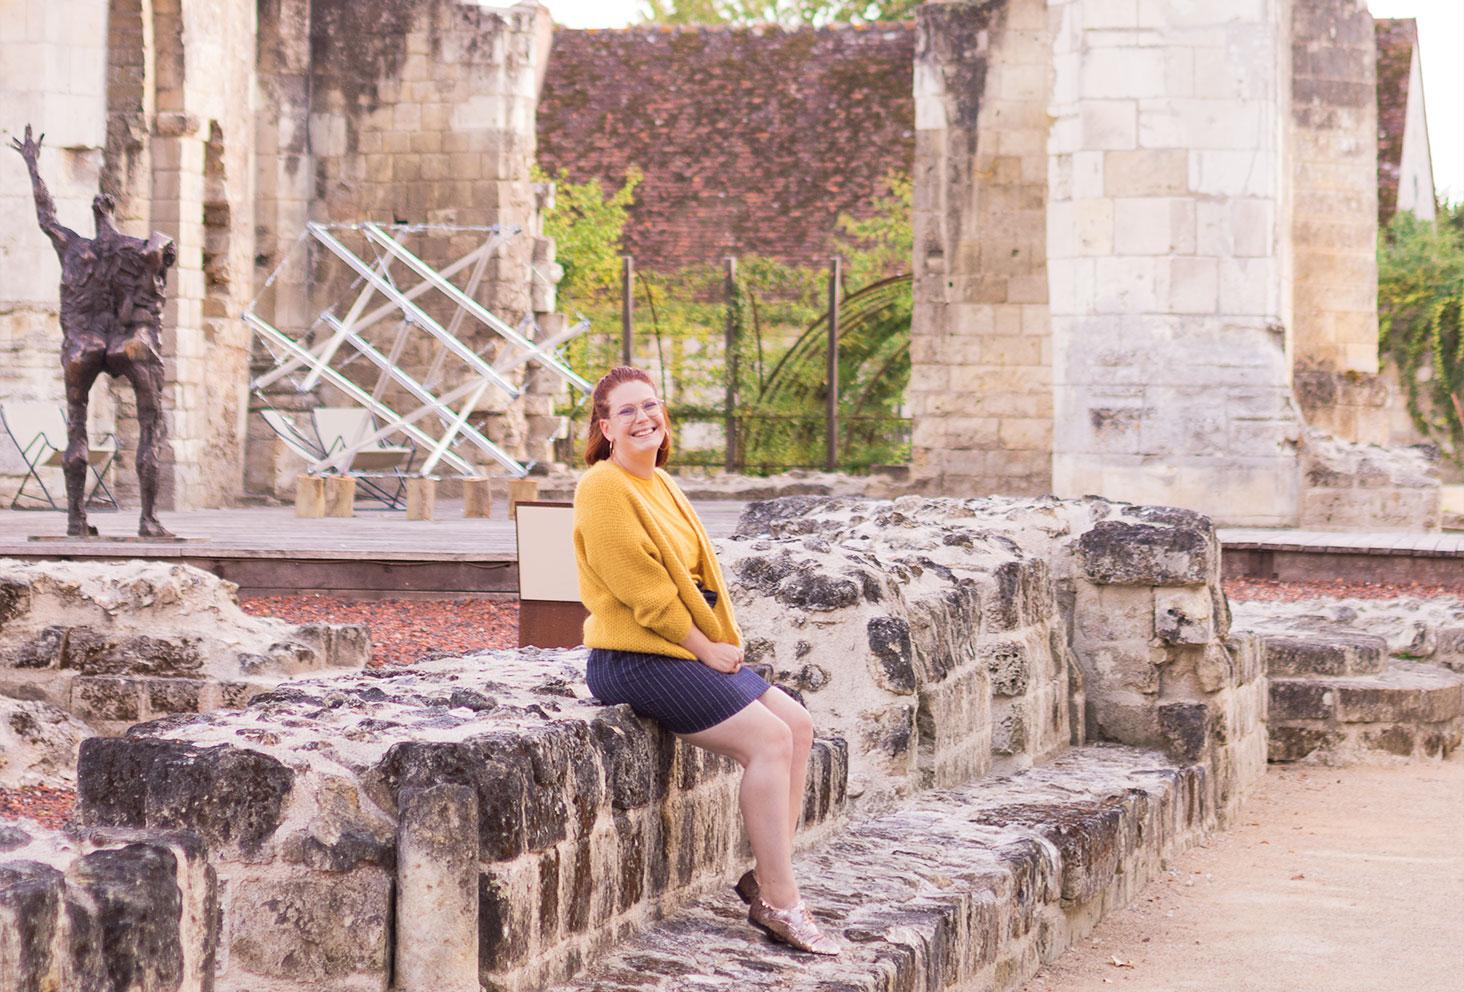 Assise au milieu des ruines en pierre, en jupe et derbies brillantes